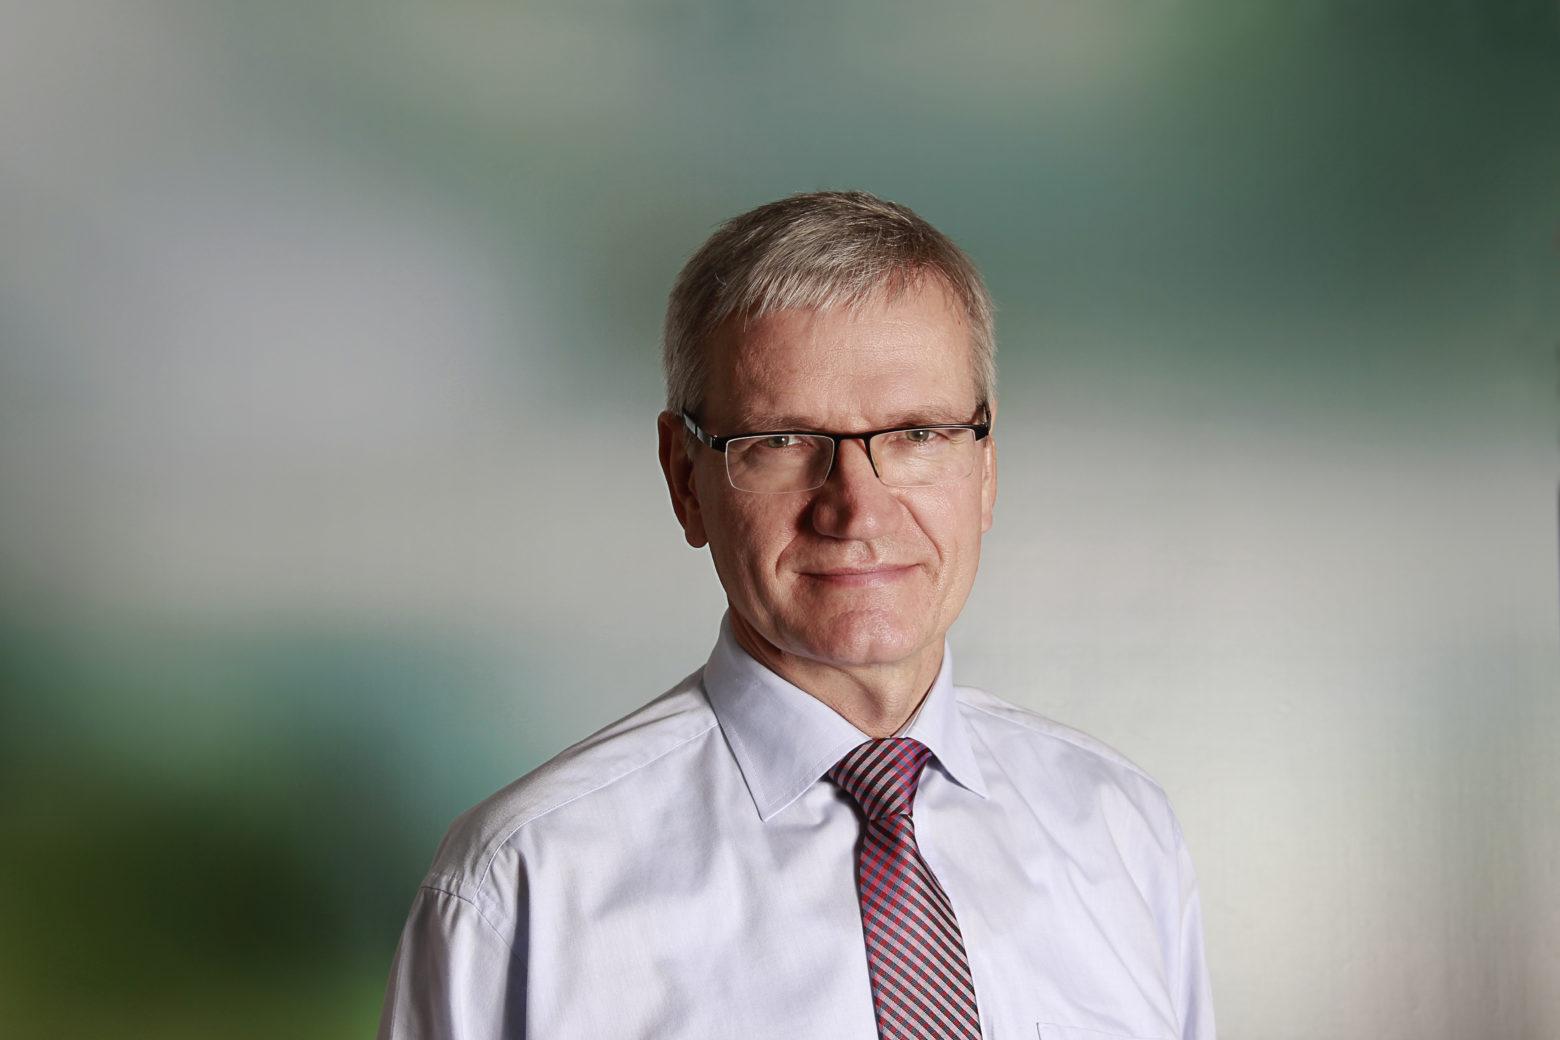 Wir stellen vor: Professor Dr. med. Gerd Horneff – Direktor der Kinderklinik und 1. Vorsitzender des VFK e.V.